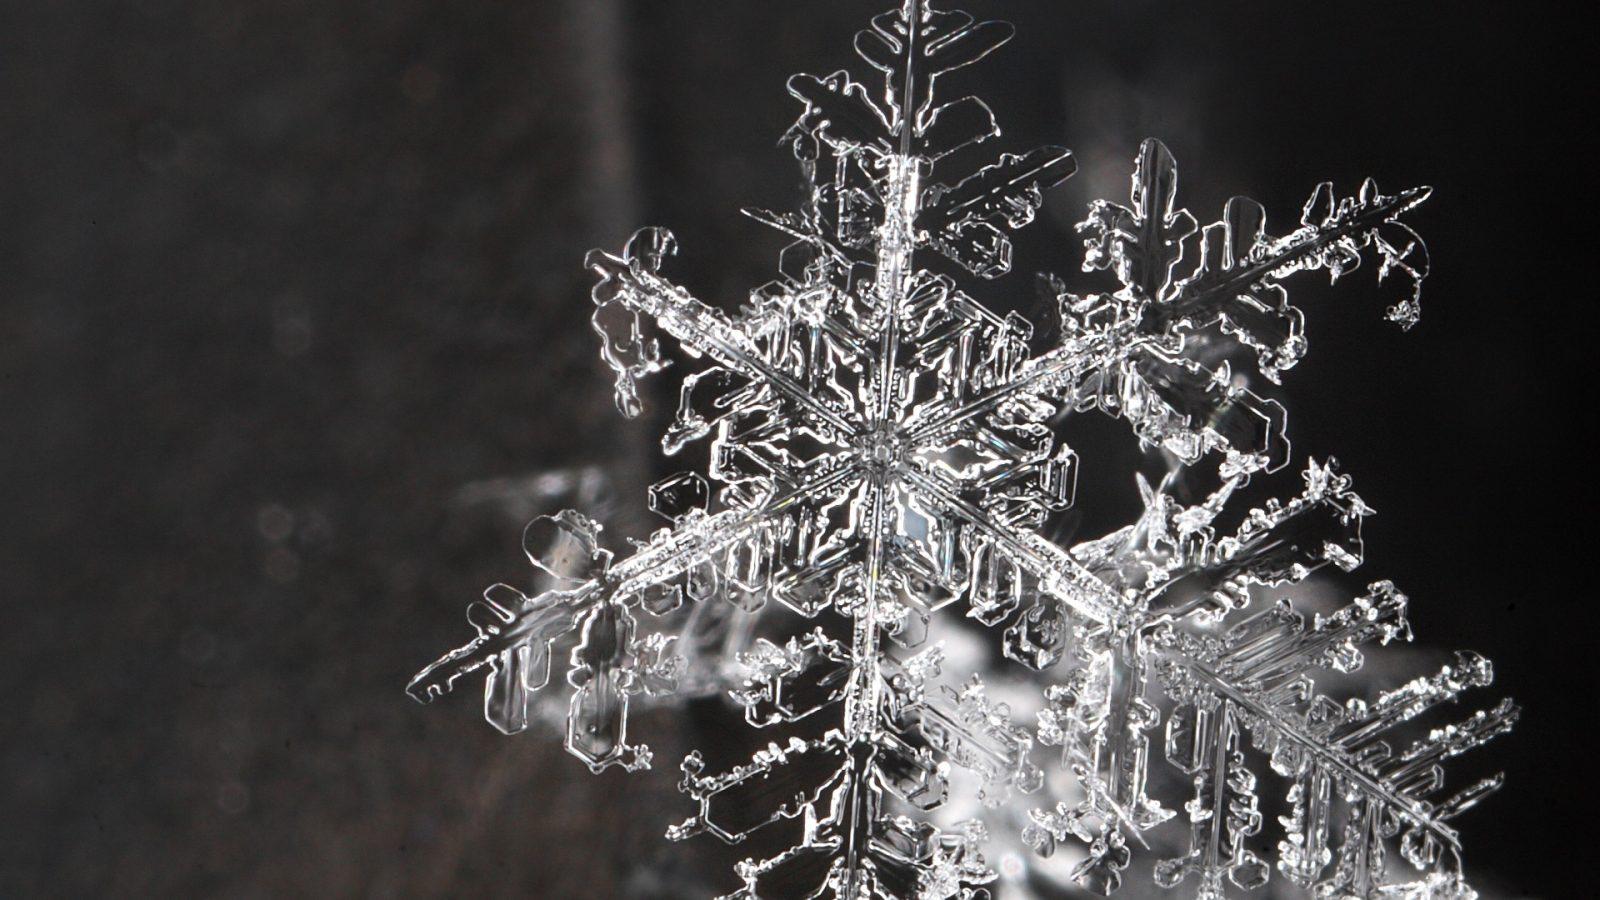 Каждая снежинка уникальна